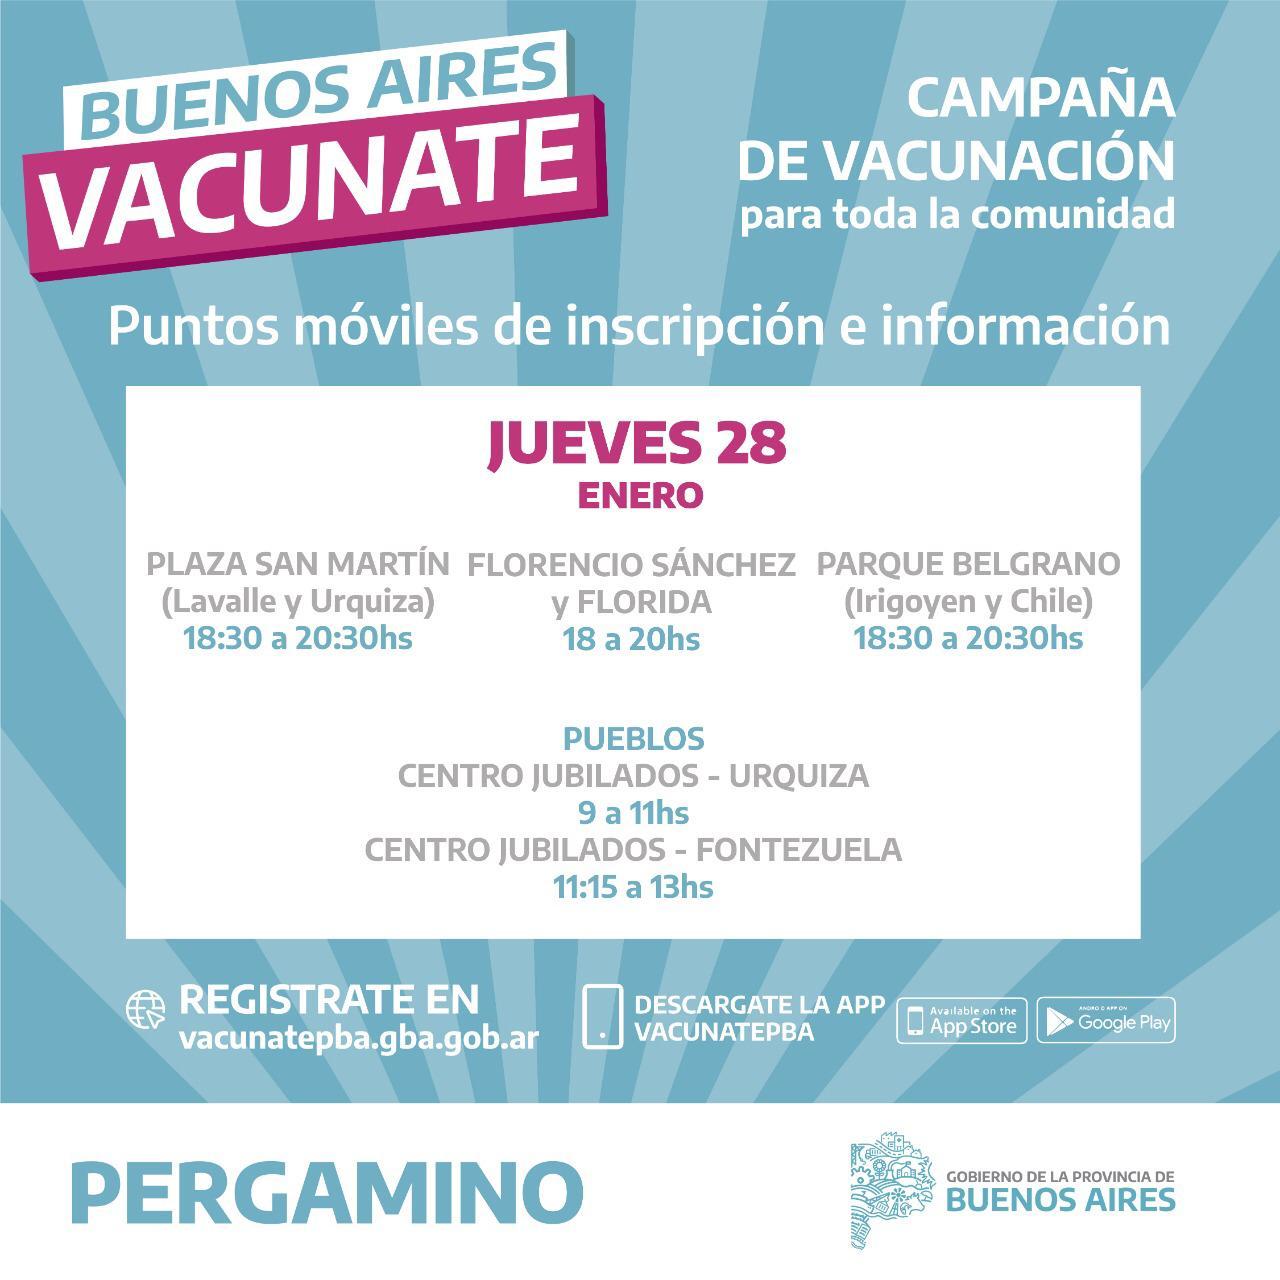 Lugares de inscripción para el Plan Vacunate 2